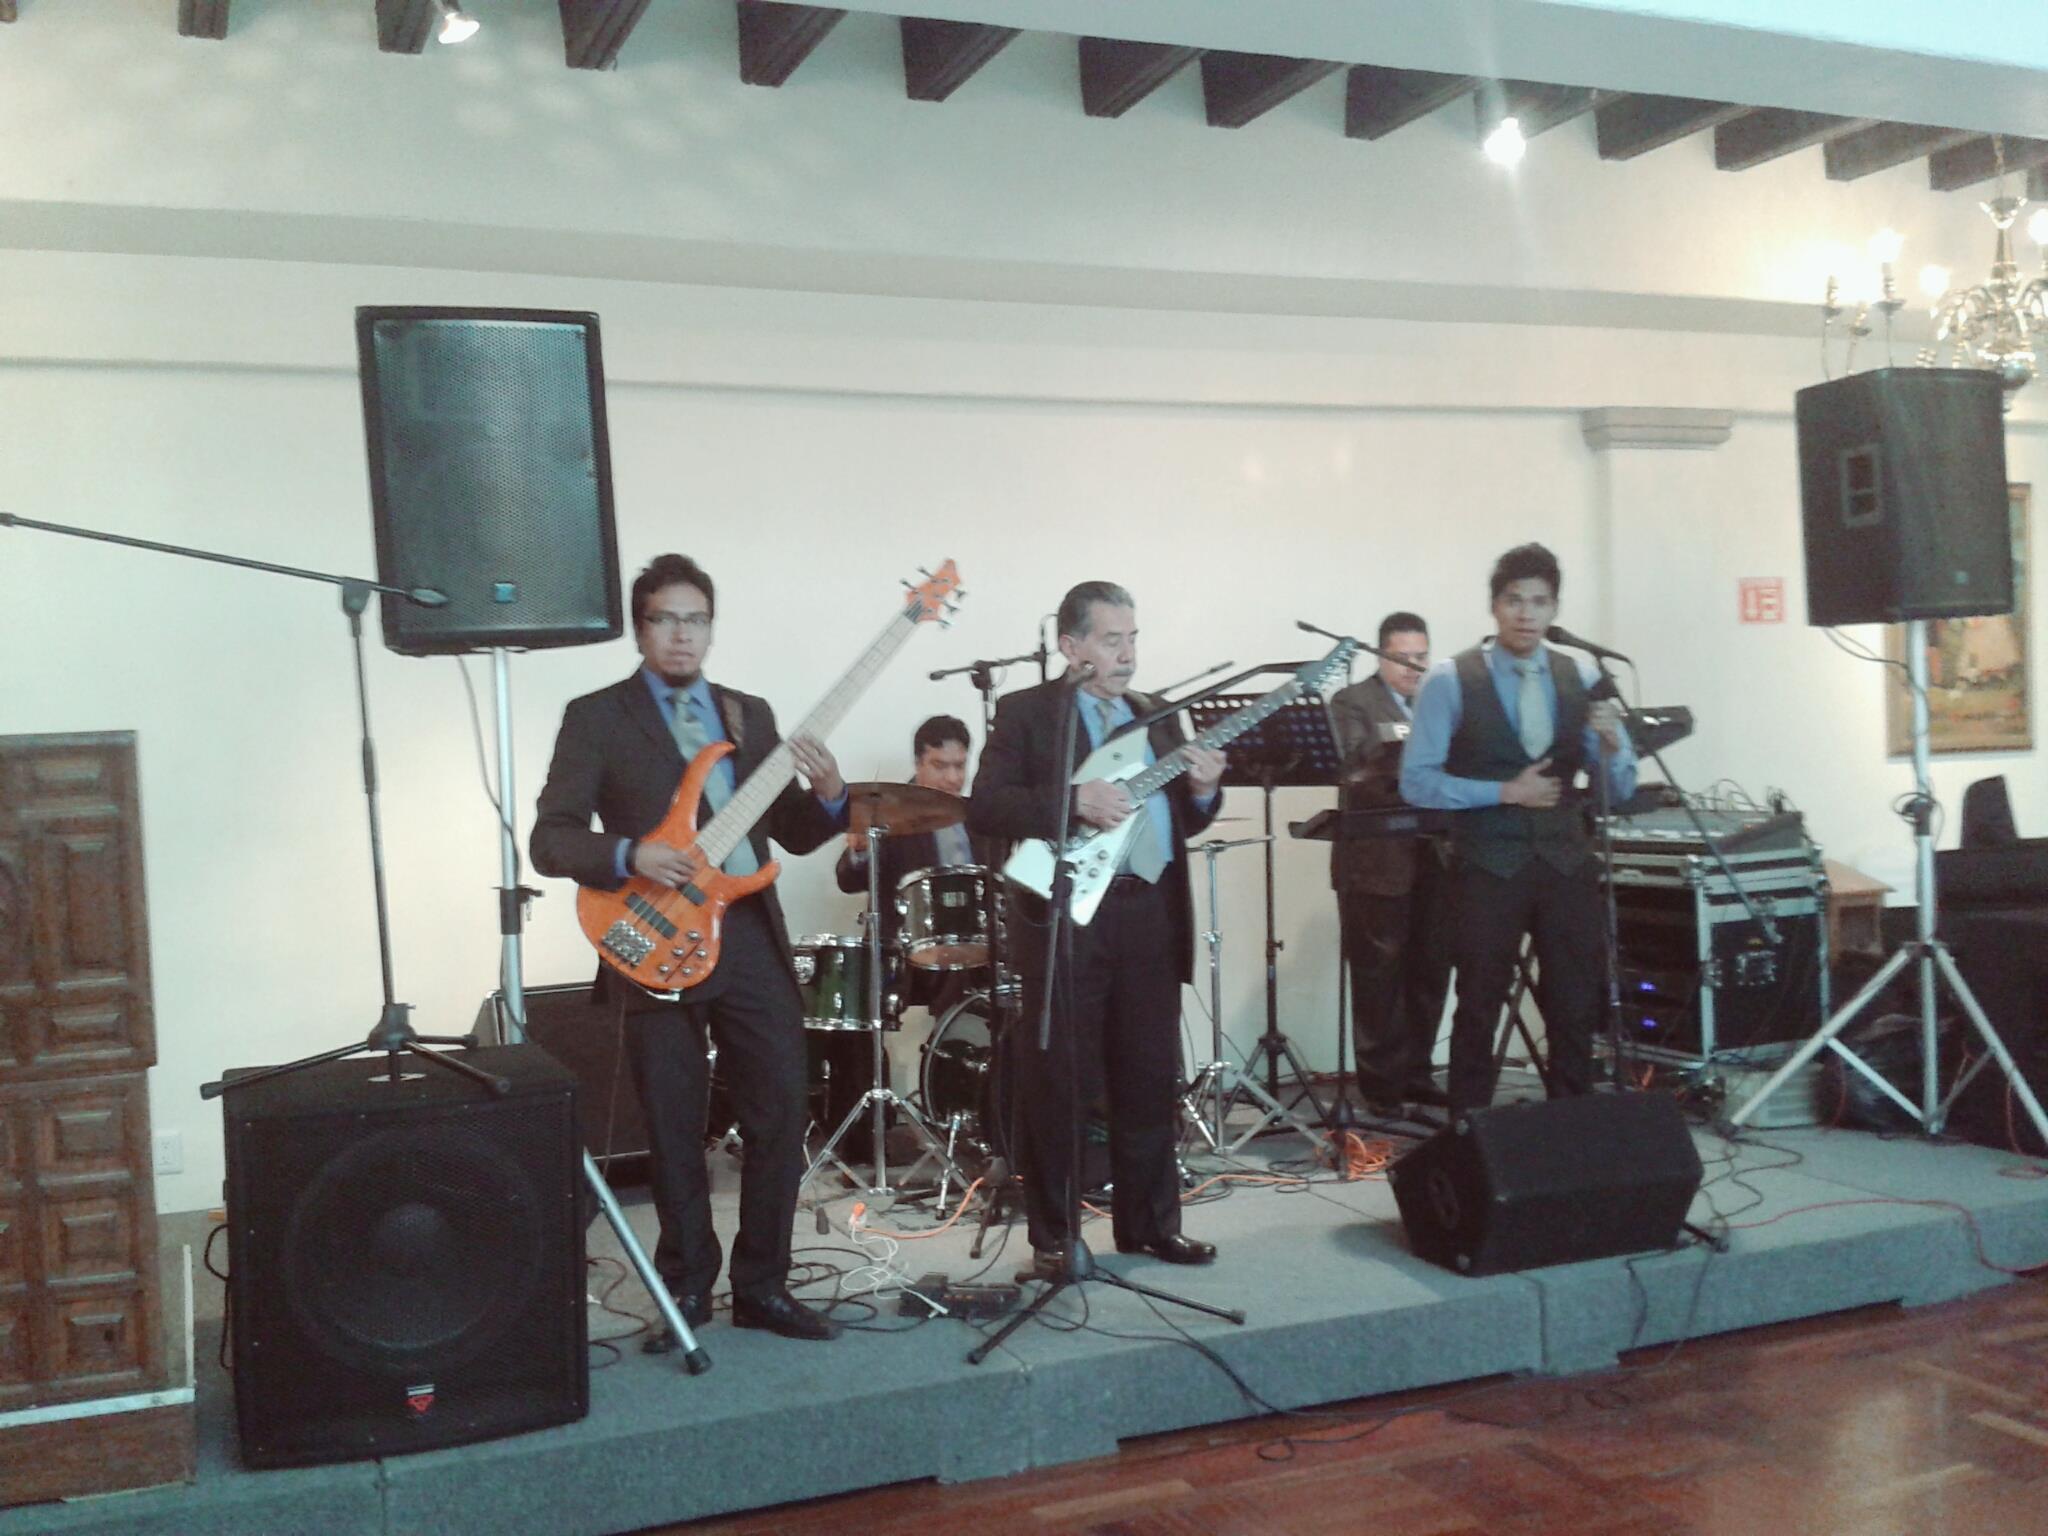 GRUPO MUSICAL en la hacienda